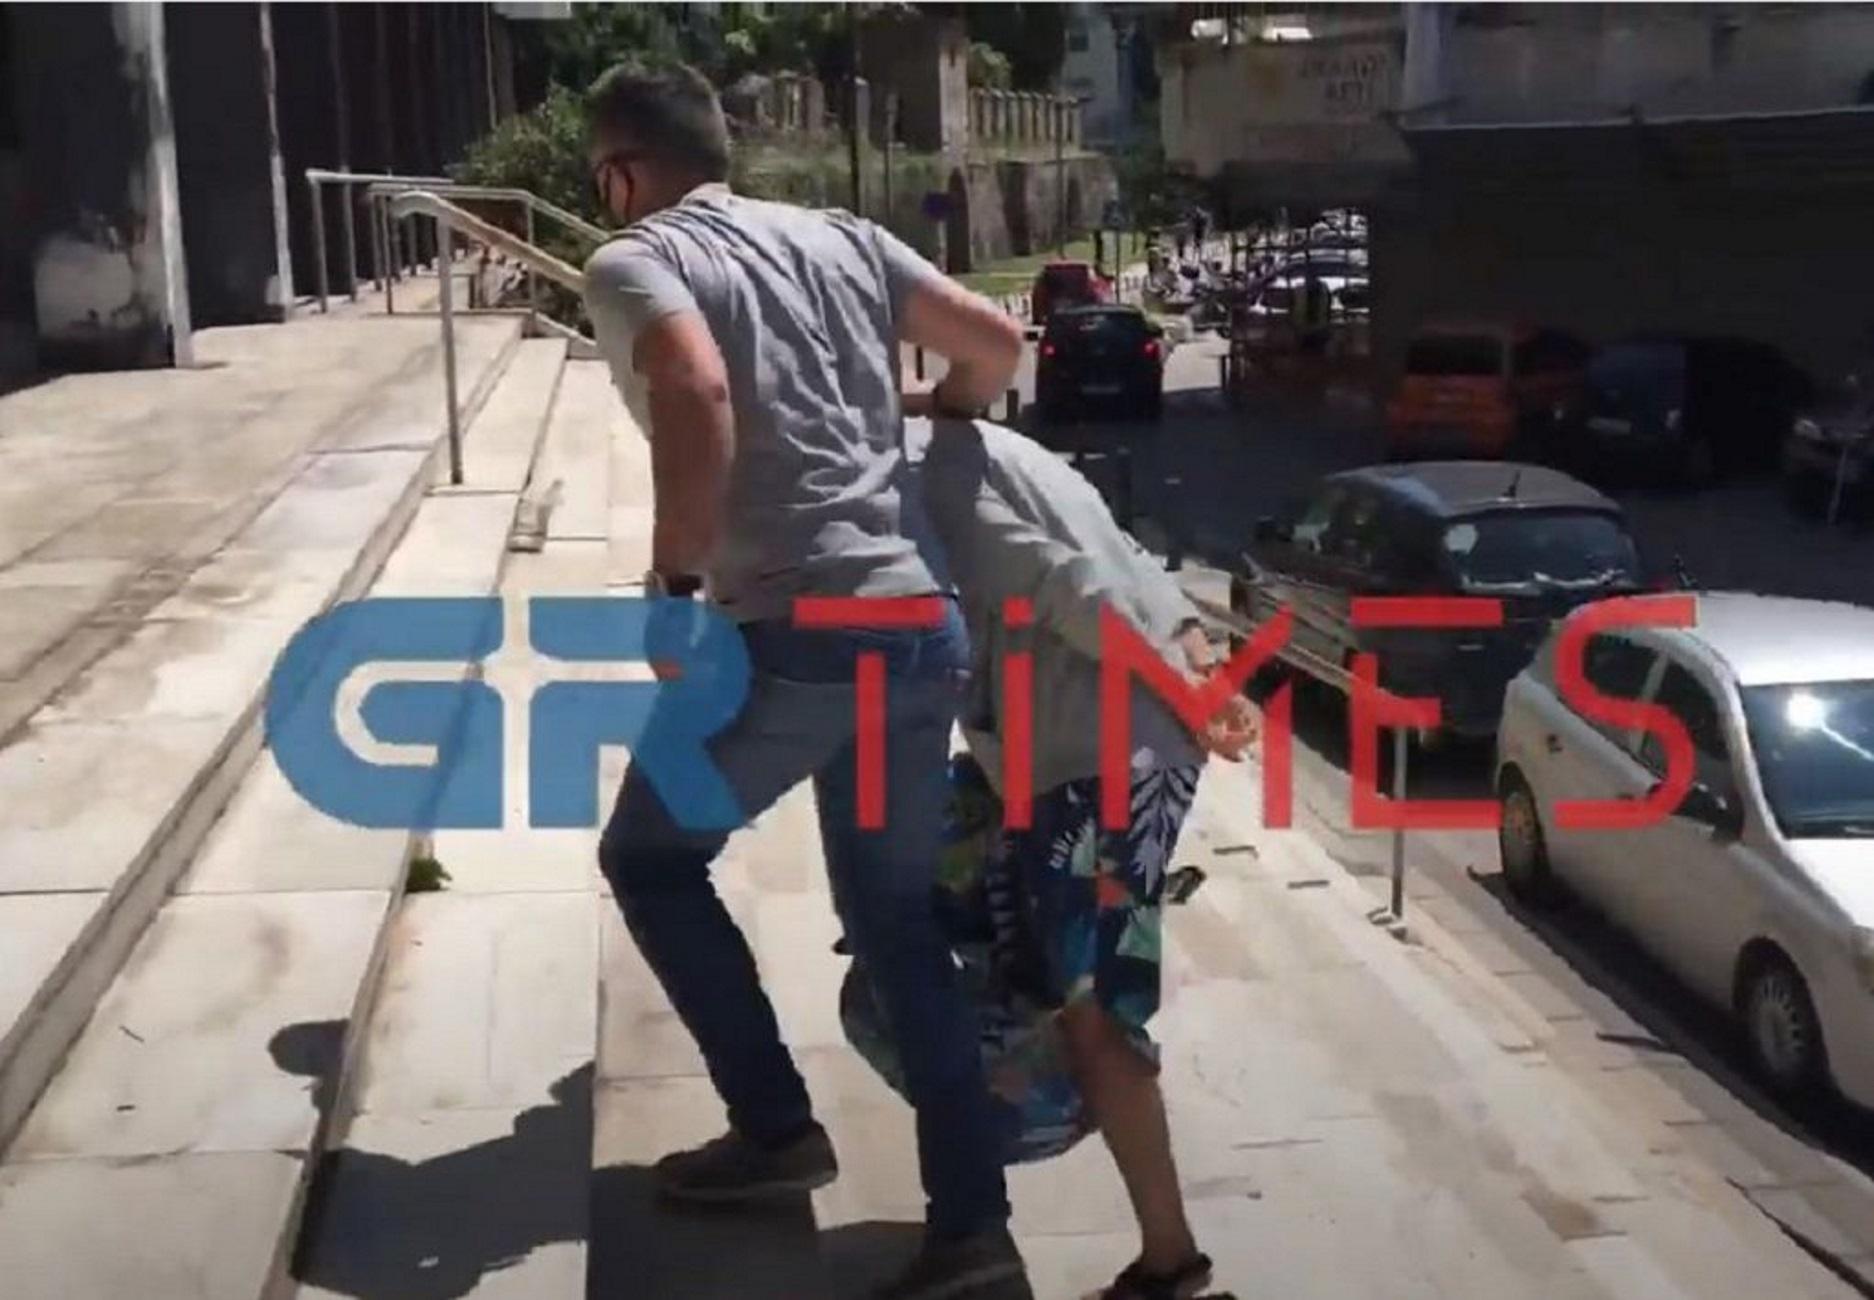 Θεσσαλονίκη: Έτσι έφτασε στα δικαστήρια η κοκκινομάλλα που κατηγορείται για την απαγωγή της 10χρονης Μαρκέλλας (Βίντεο)